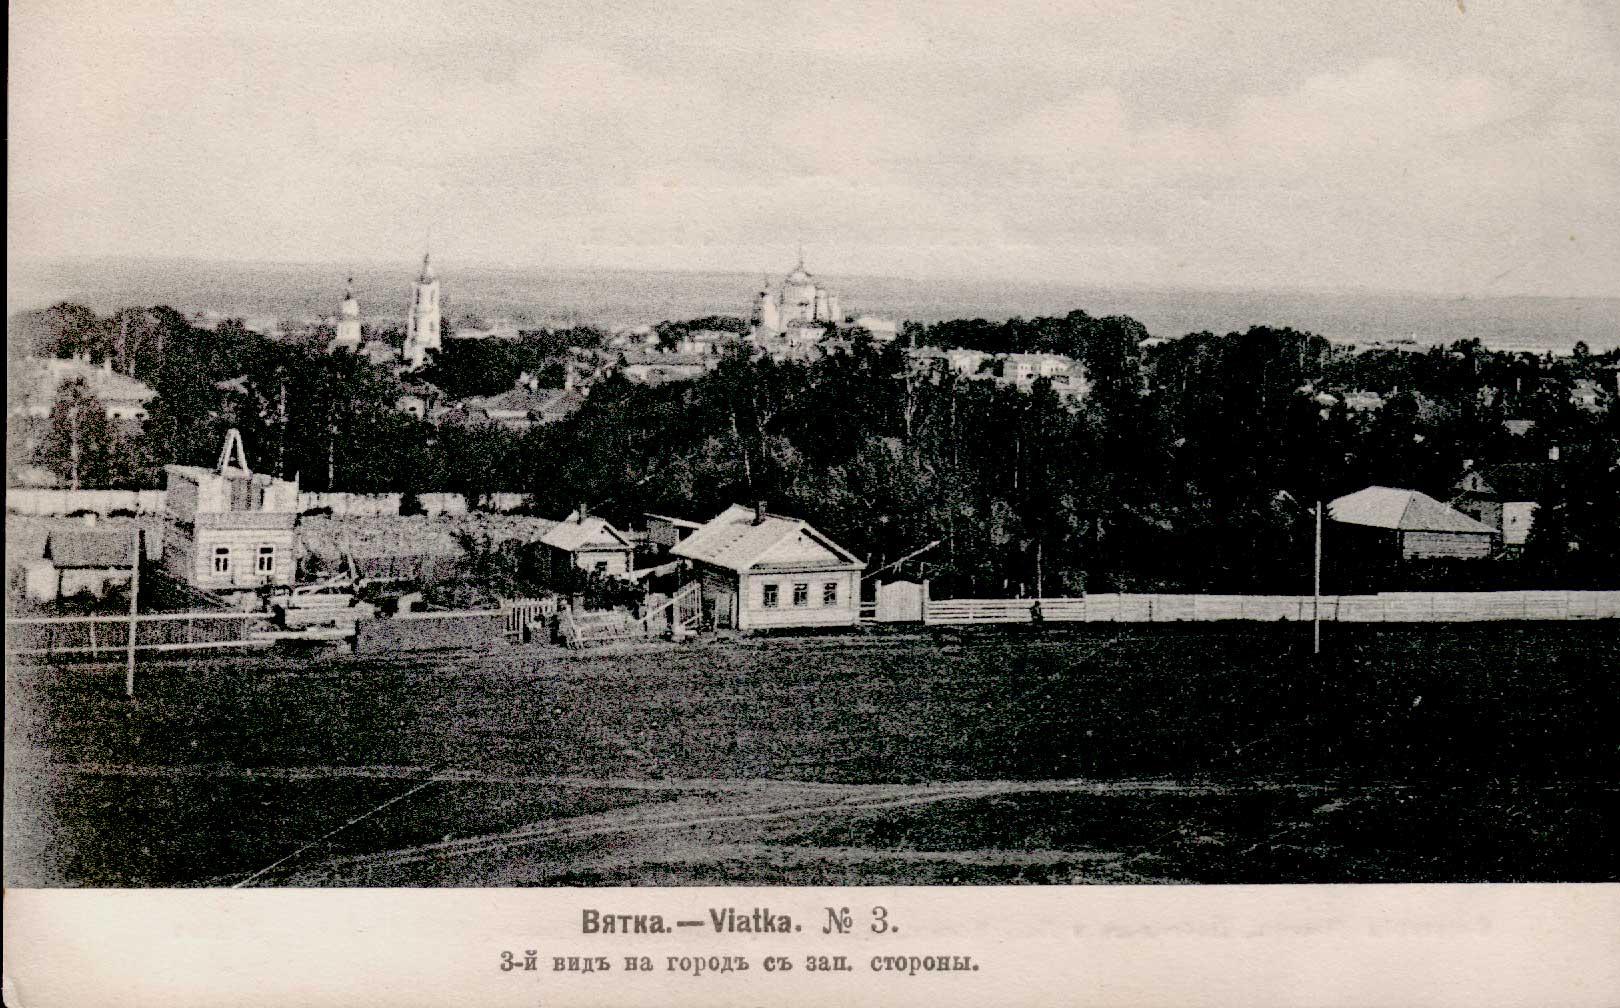 3-й вид города с западной стороны